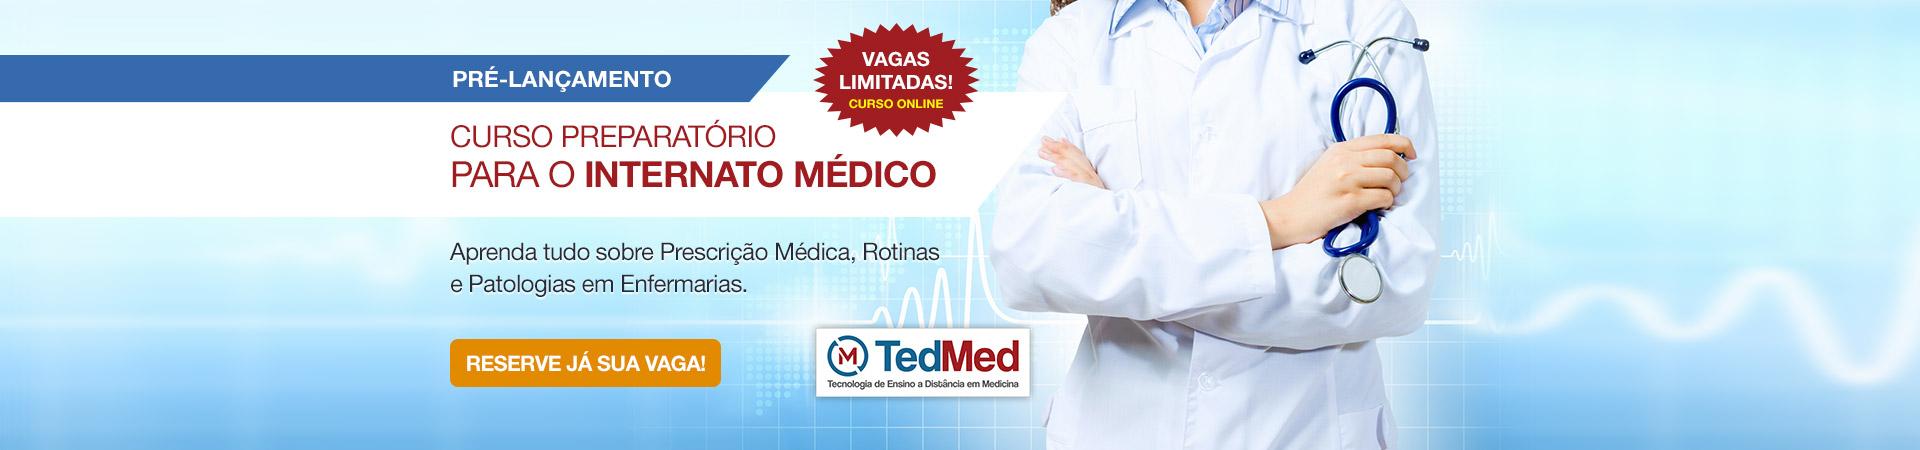 banner-internato-medico